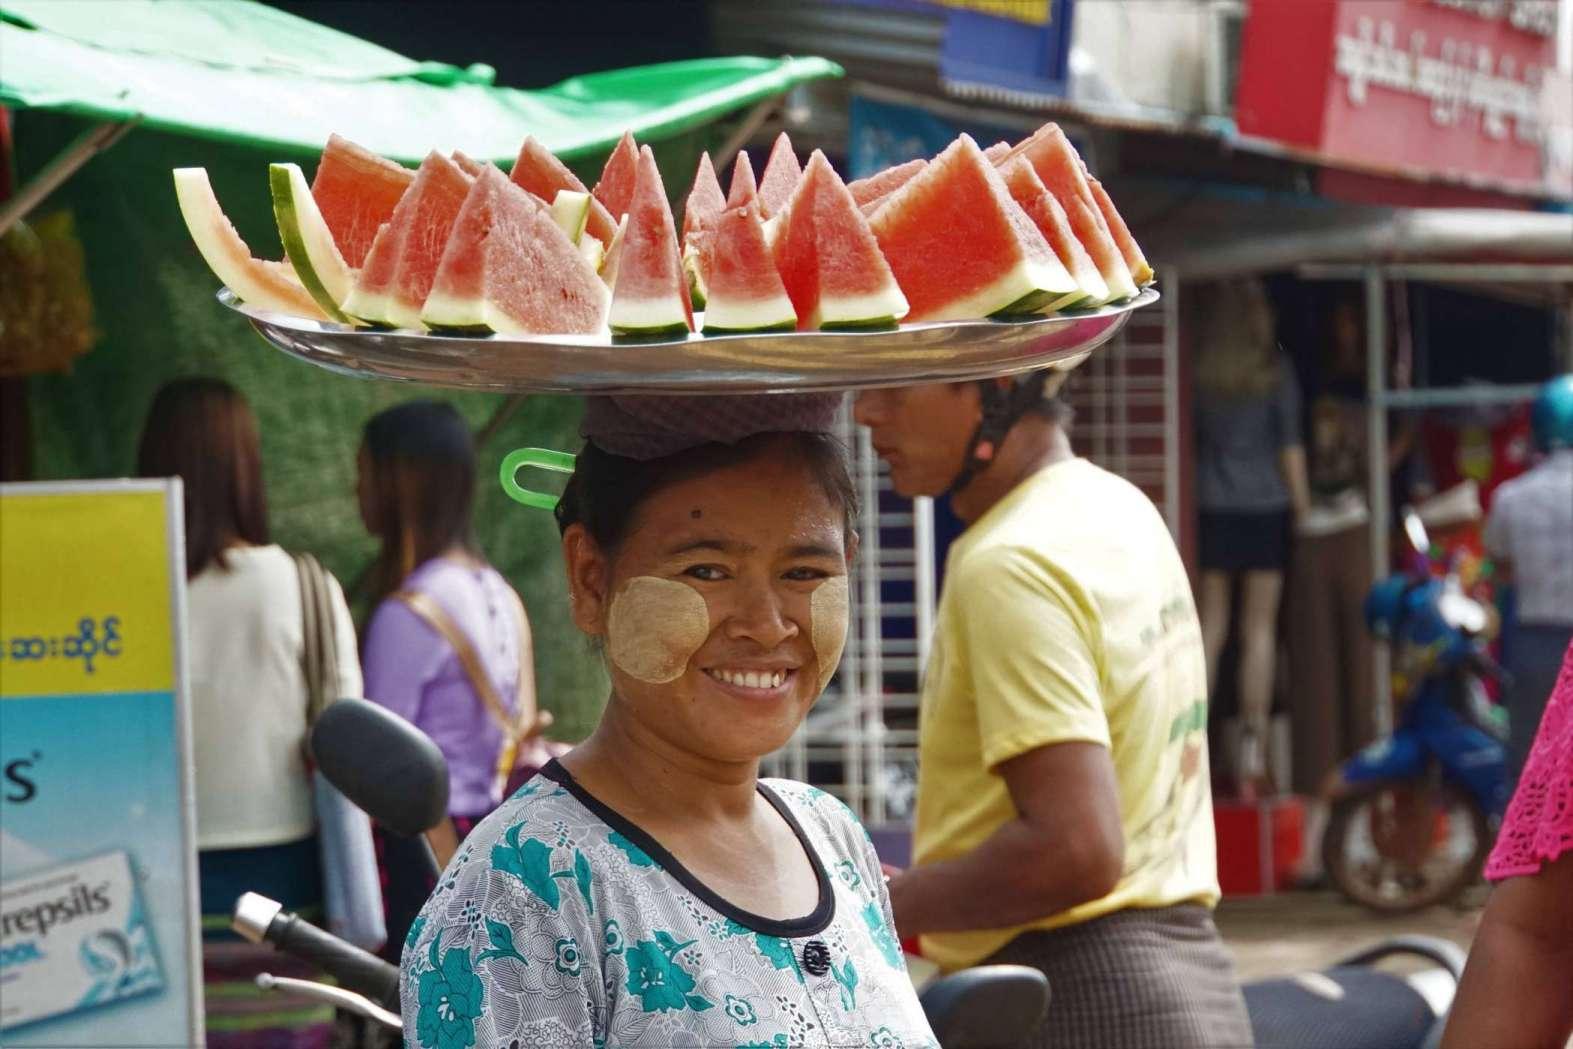 DÍA 5 : Mandalay, Sagaing, Monwya